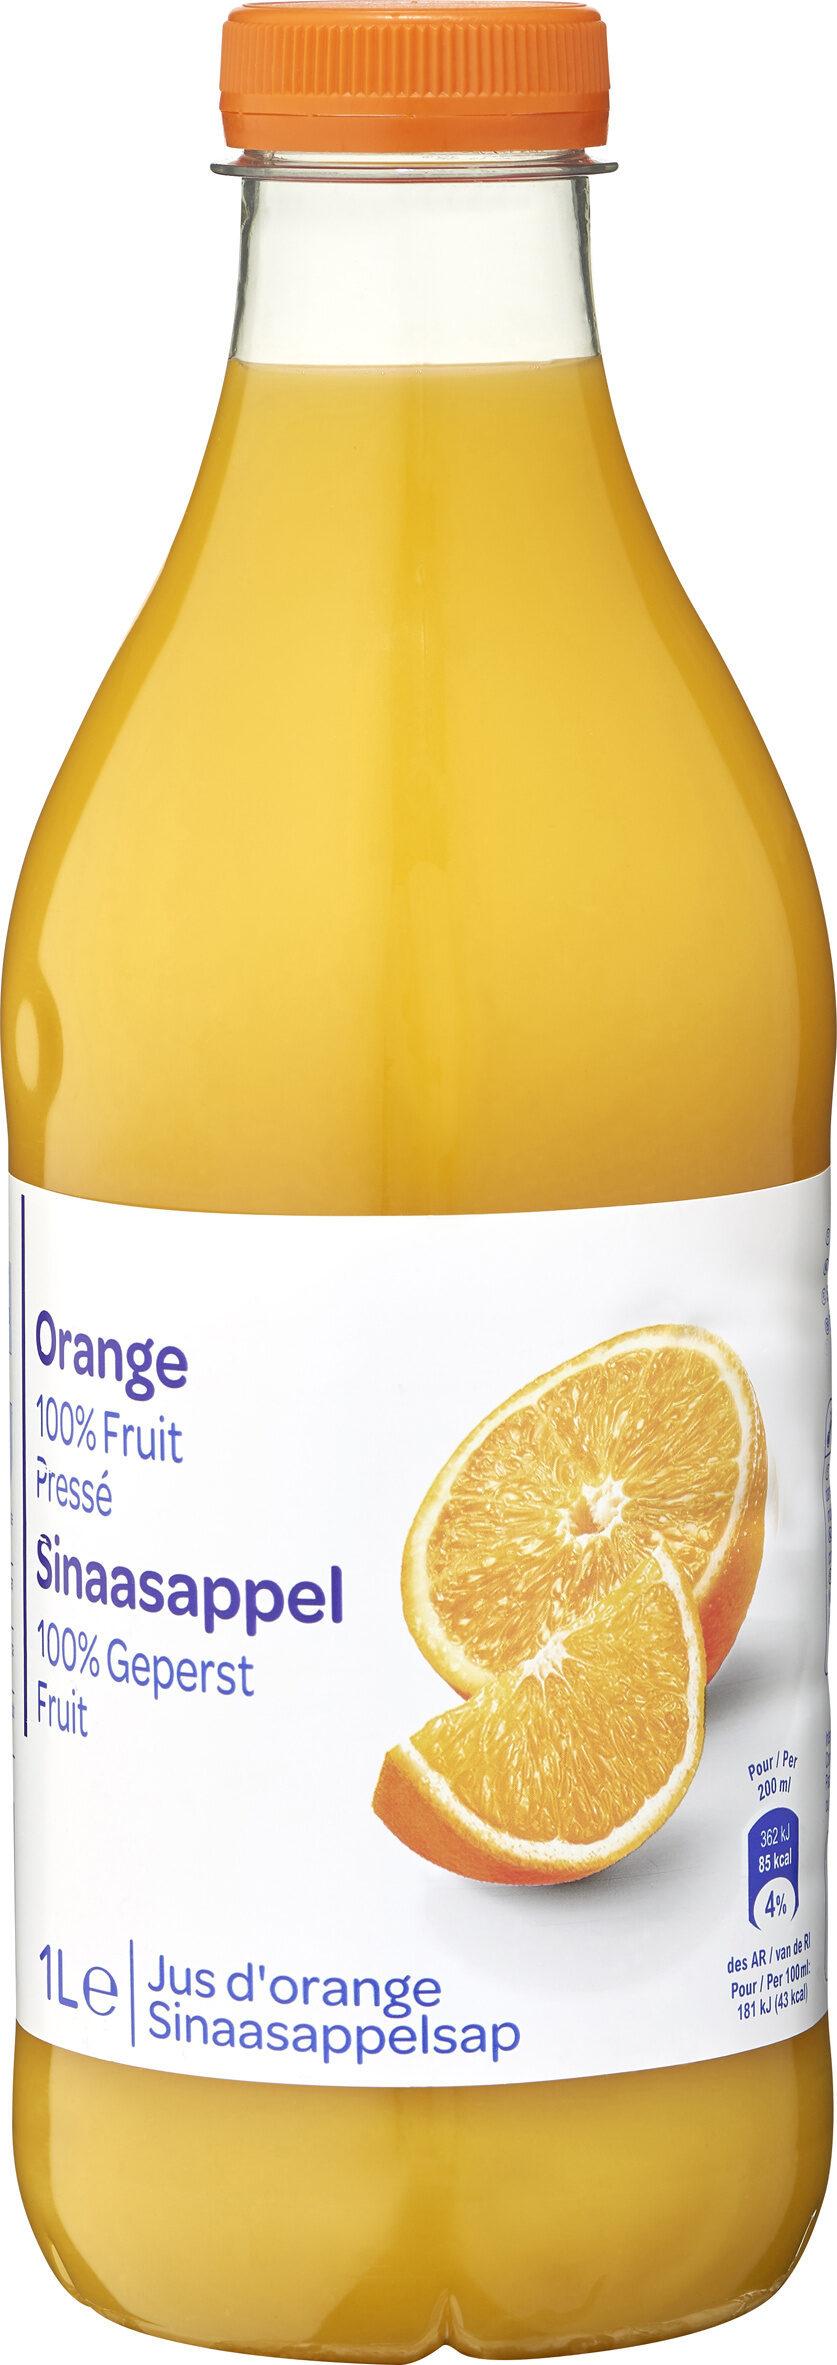 Orange 100% Fruit Pressé - Produit - fr